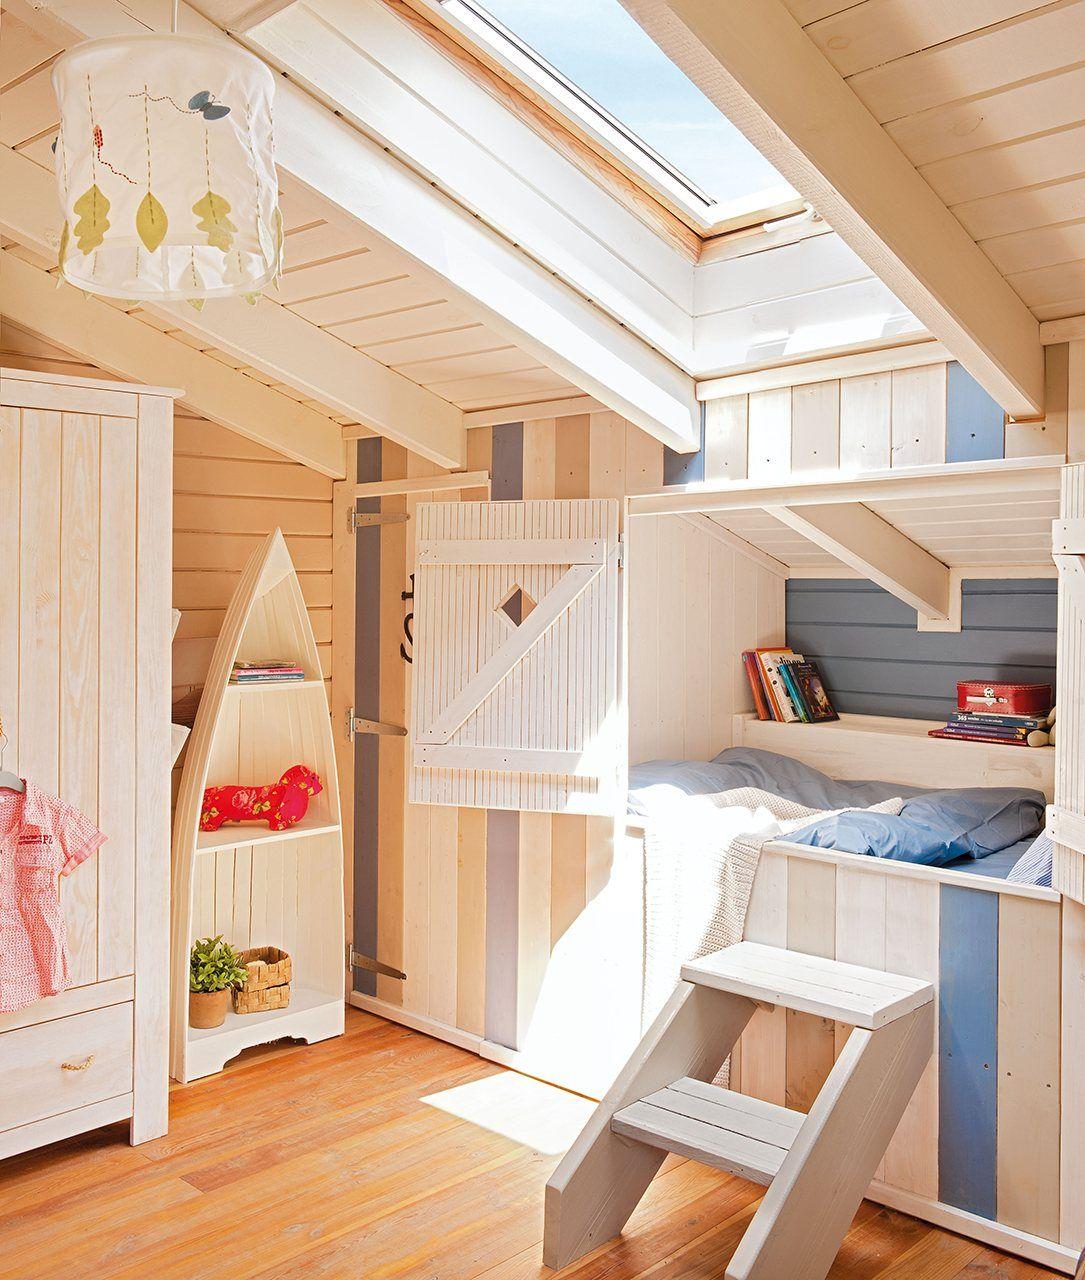 Hazte hueco crea espacios nuevos en tu casa cama for Bona nit muebles